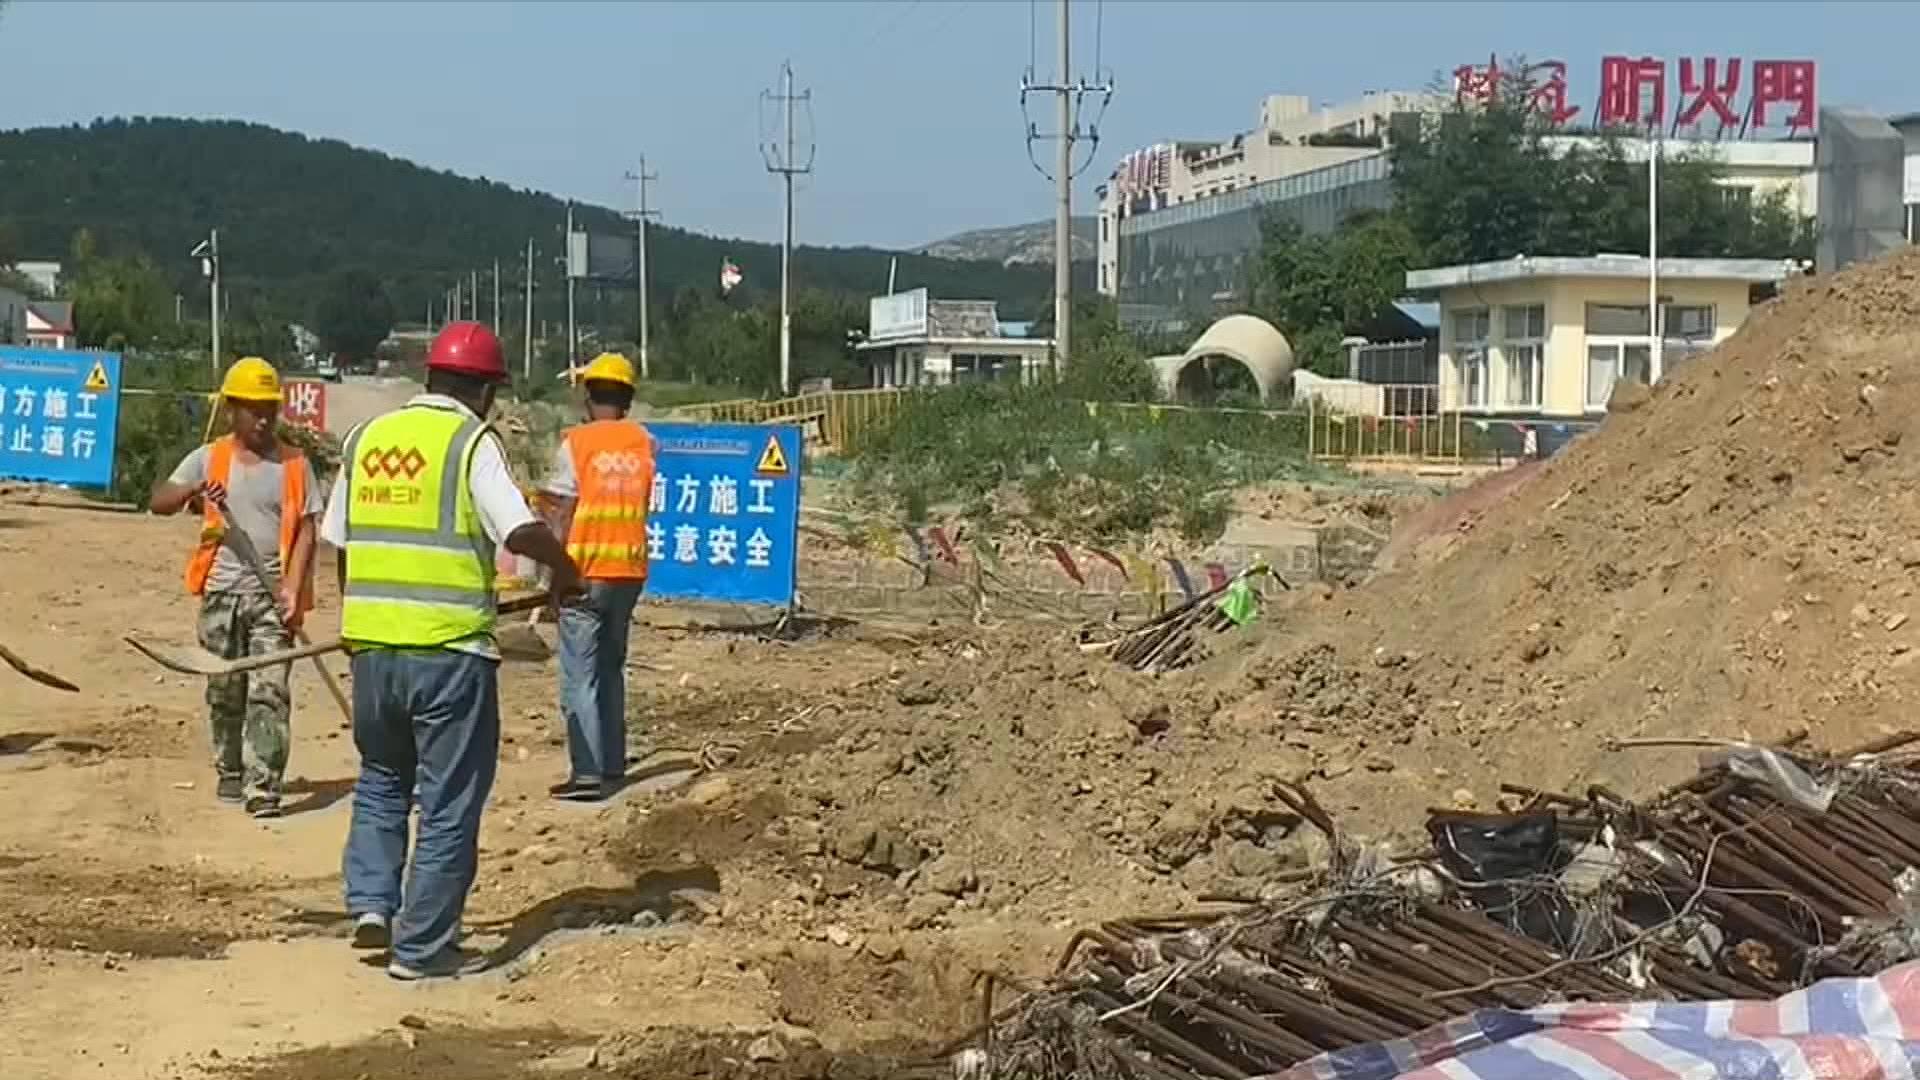 问政追踪|日照三条道路施工一年半没竣工 高新区建设管理部 :11月底前全部通车